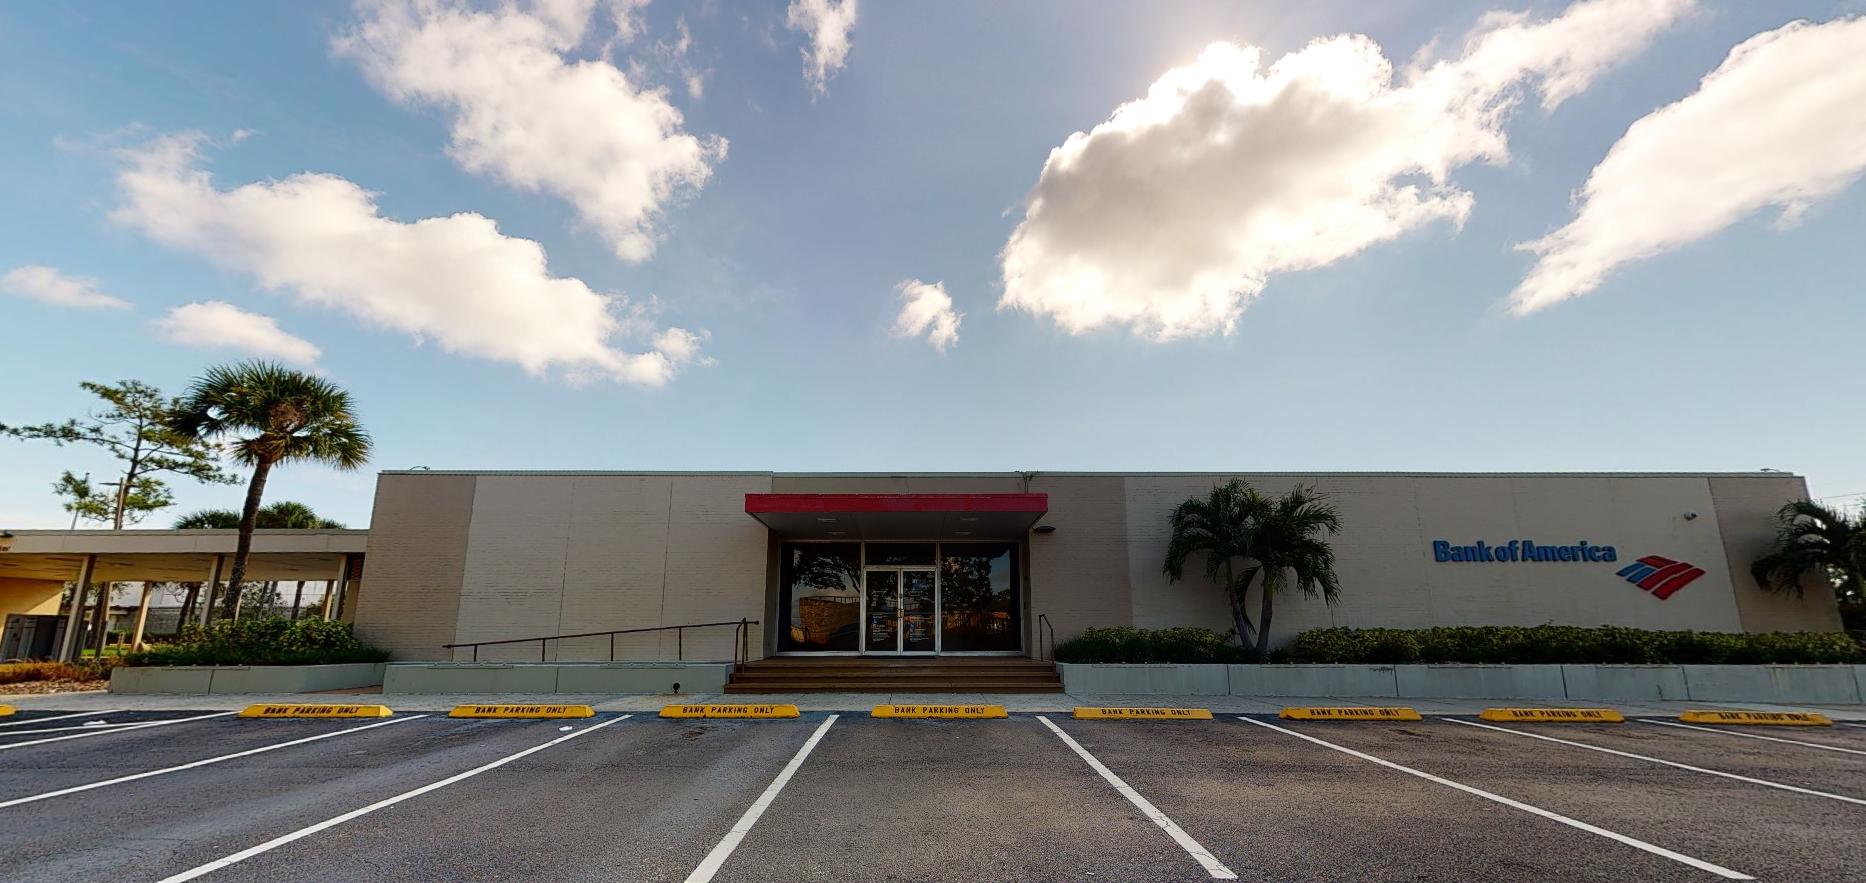 Bank of America financial center with drive-thru ATM | 3173 E Colonial Dr, Orlando, FL 32803